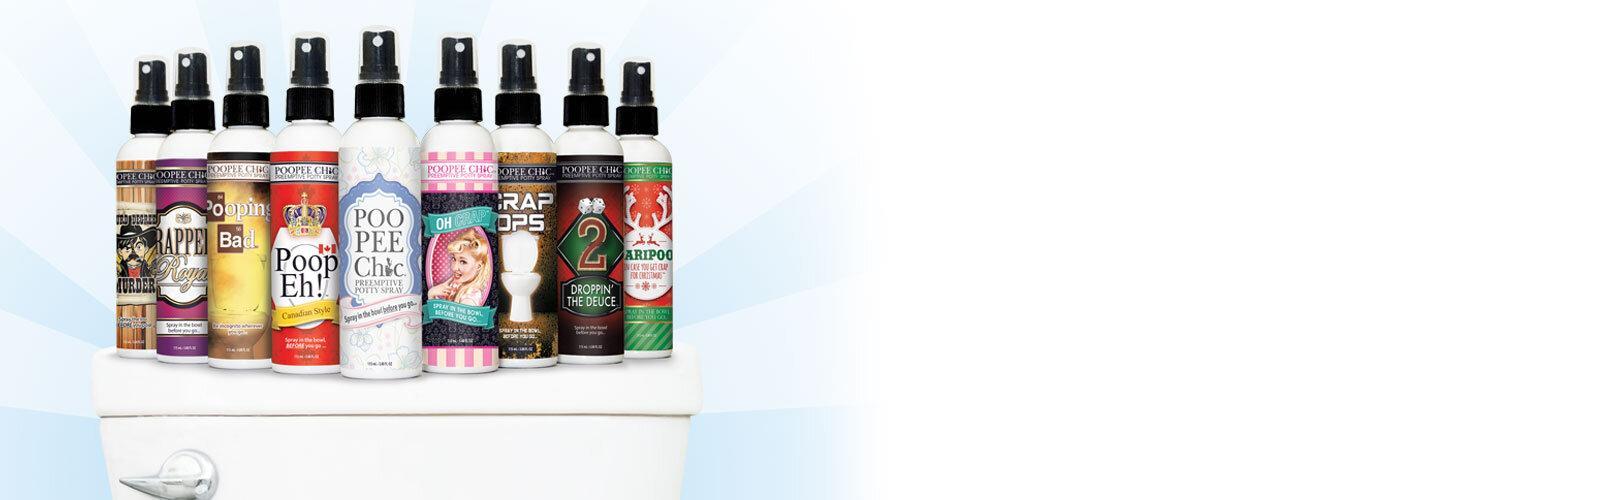 Poopeechic Pre-Emptive Potty Spray